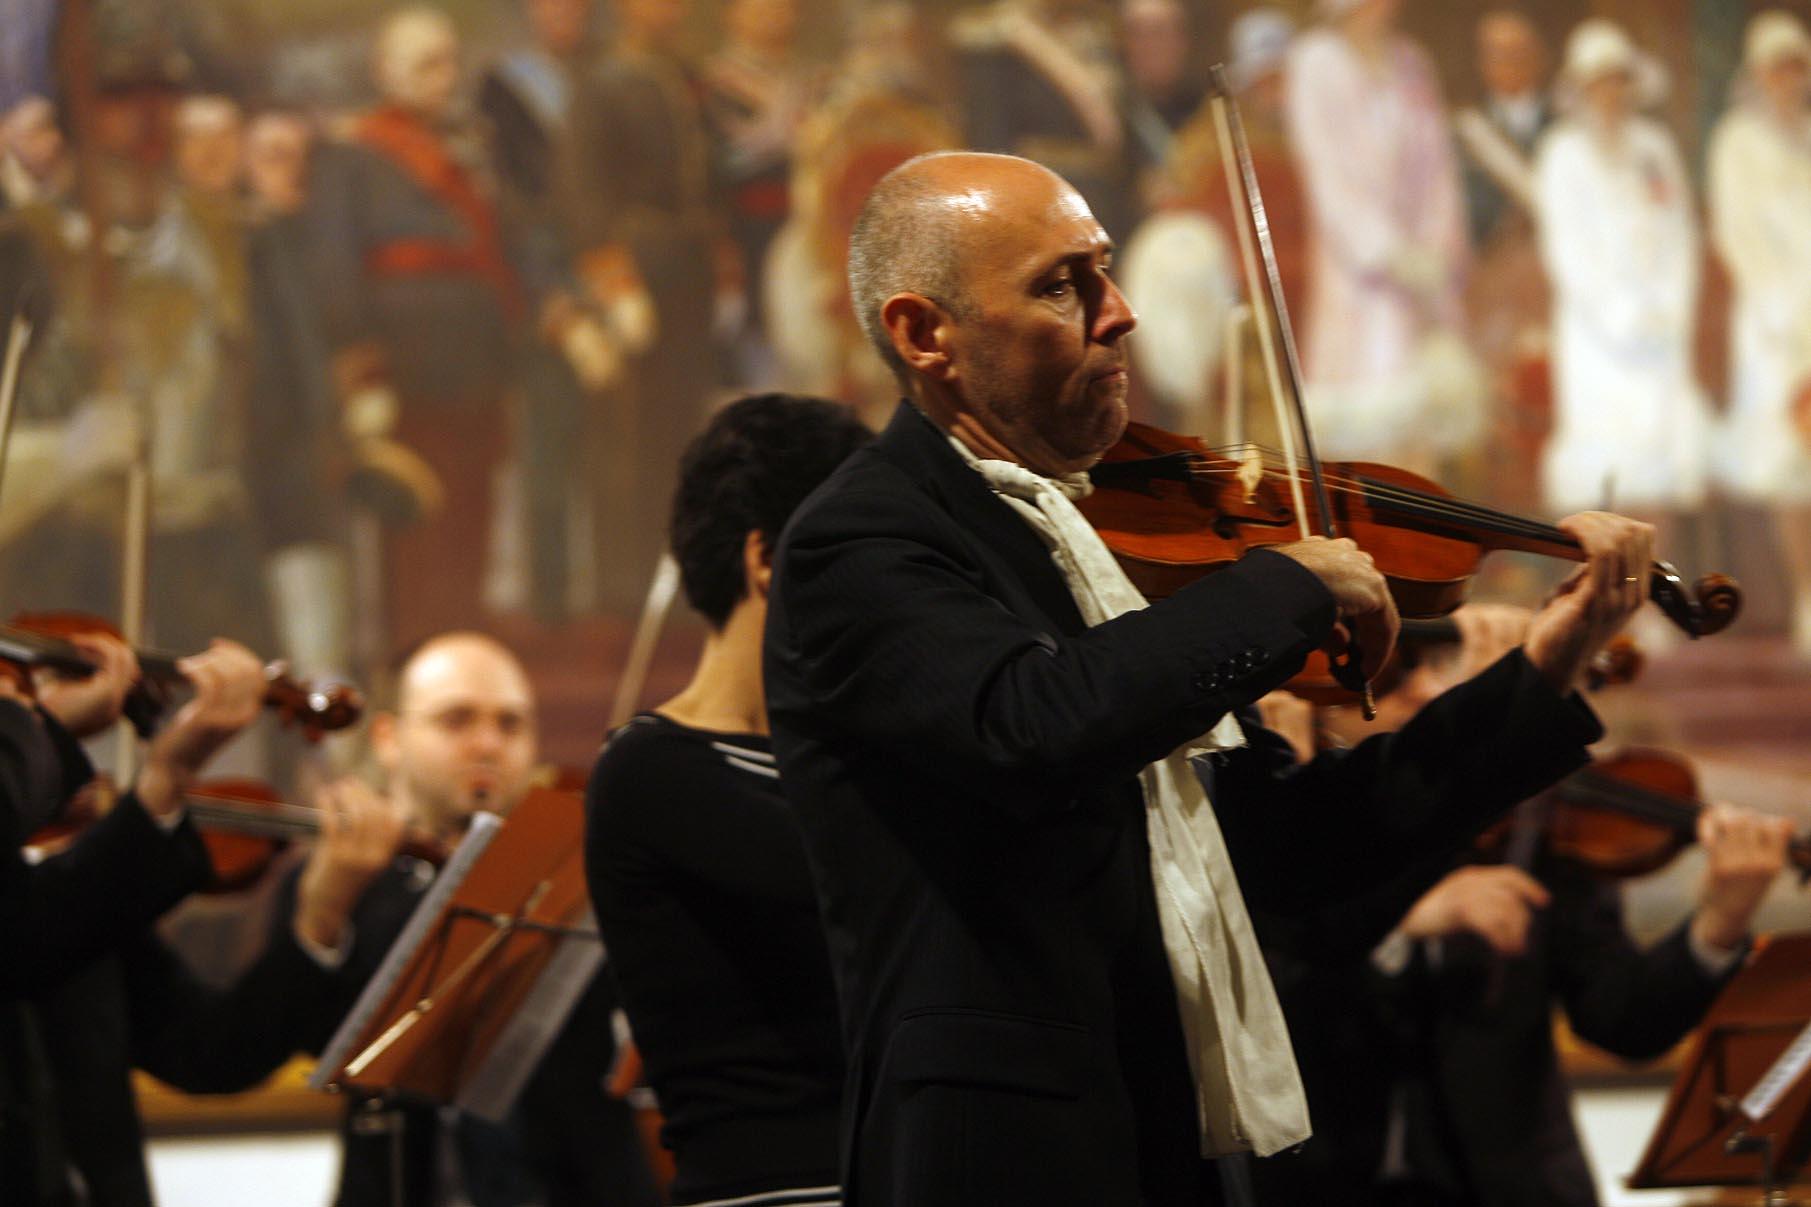 El violinista Enrico Onofri dirigirá a la Barroca en el primer concierto del curso el próximo 4 de octubre. / G. Barrera